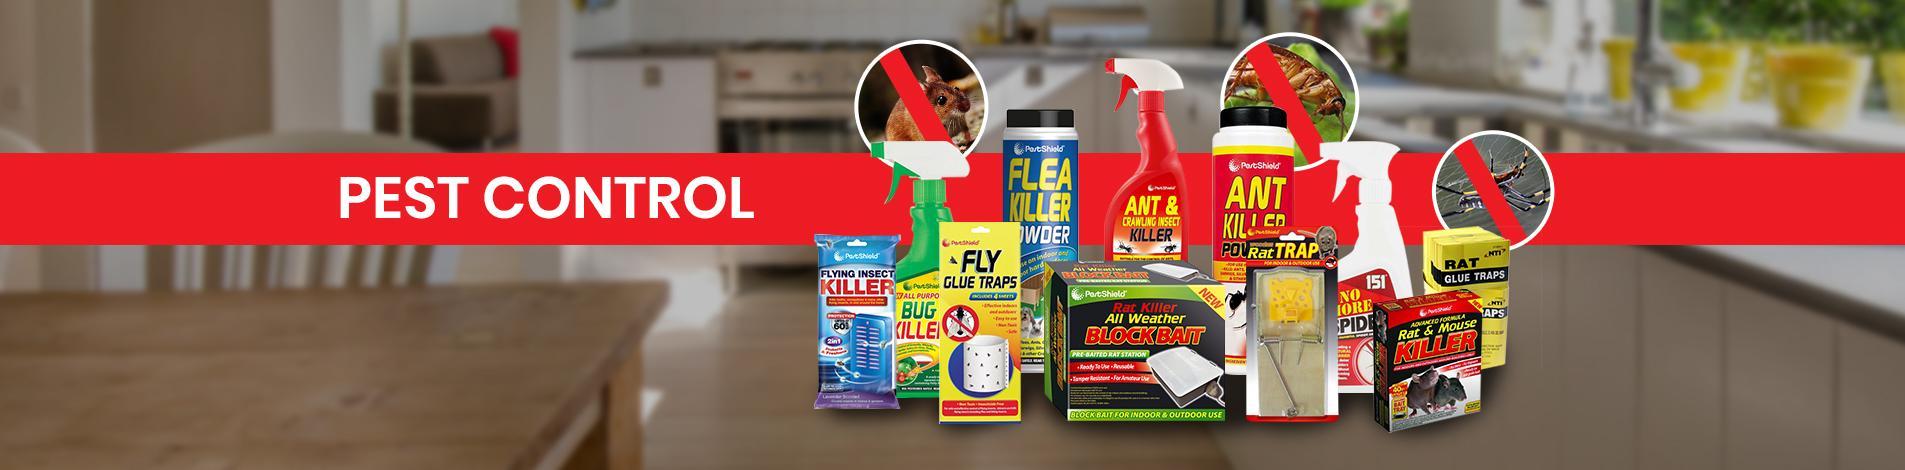 Wholesale Pest Control